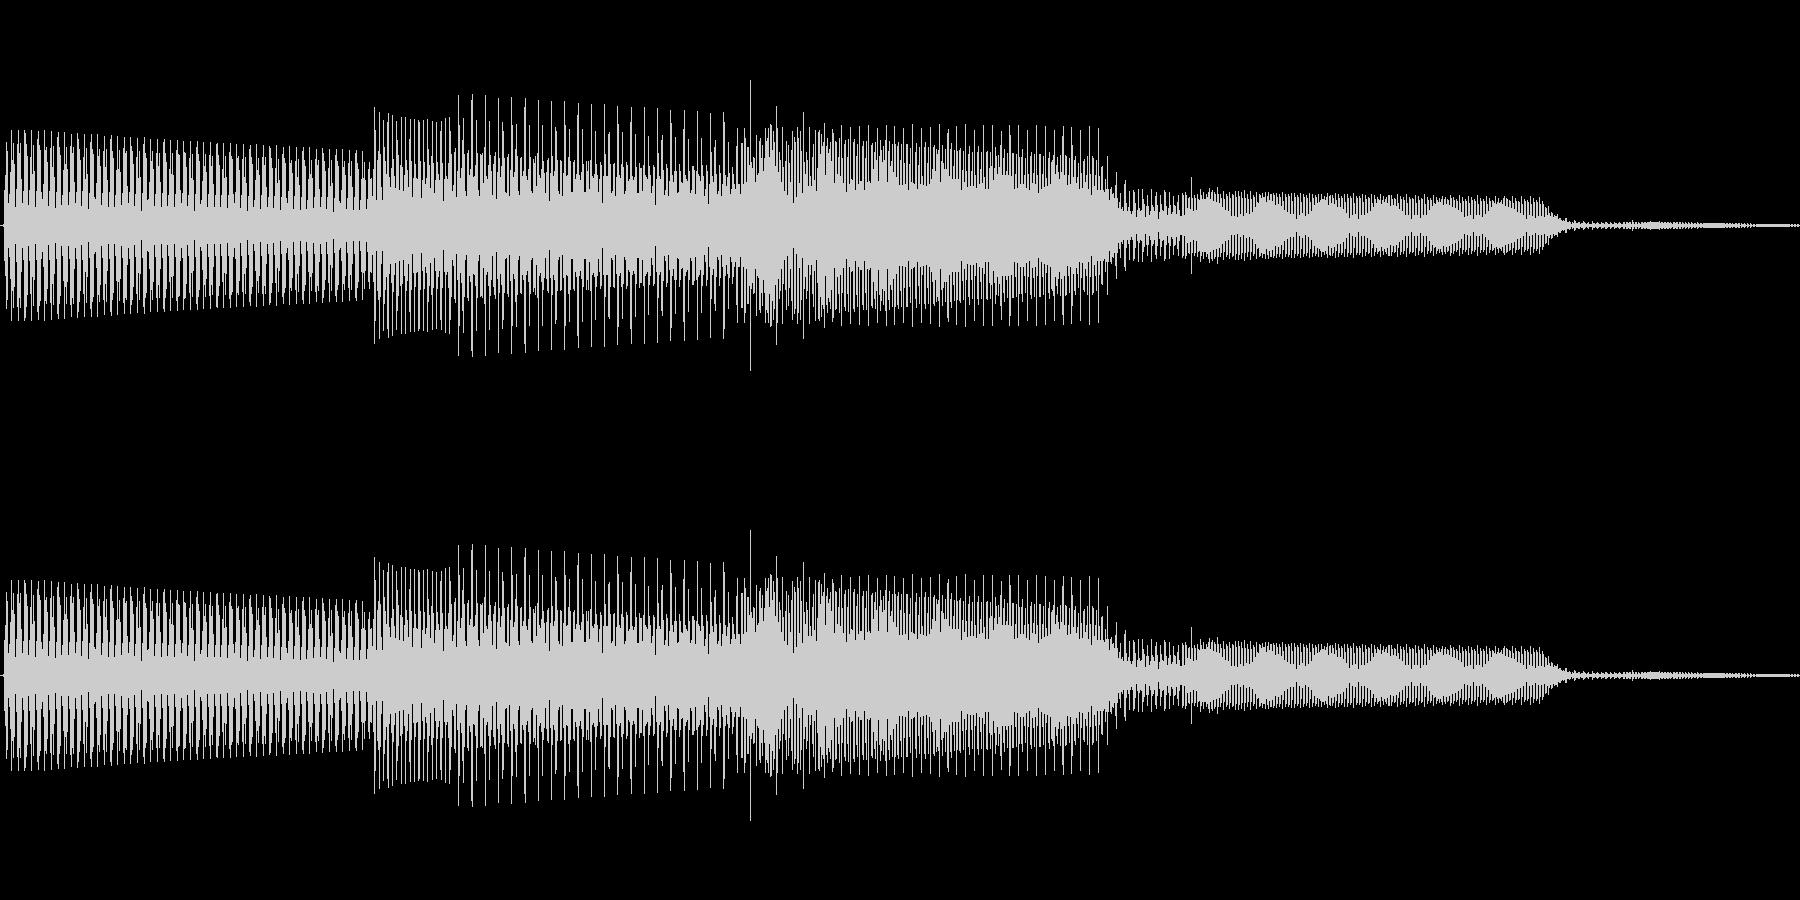 ボタン決定音システム選択タッチ登録B08の未再生の波形